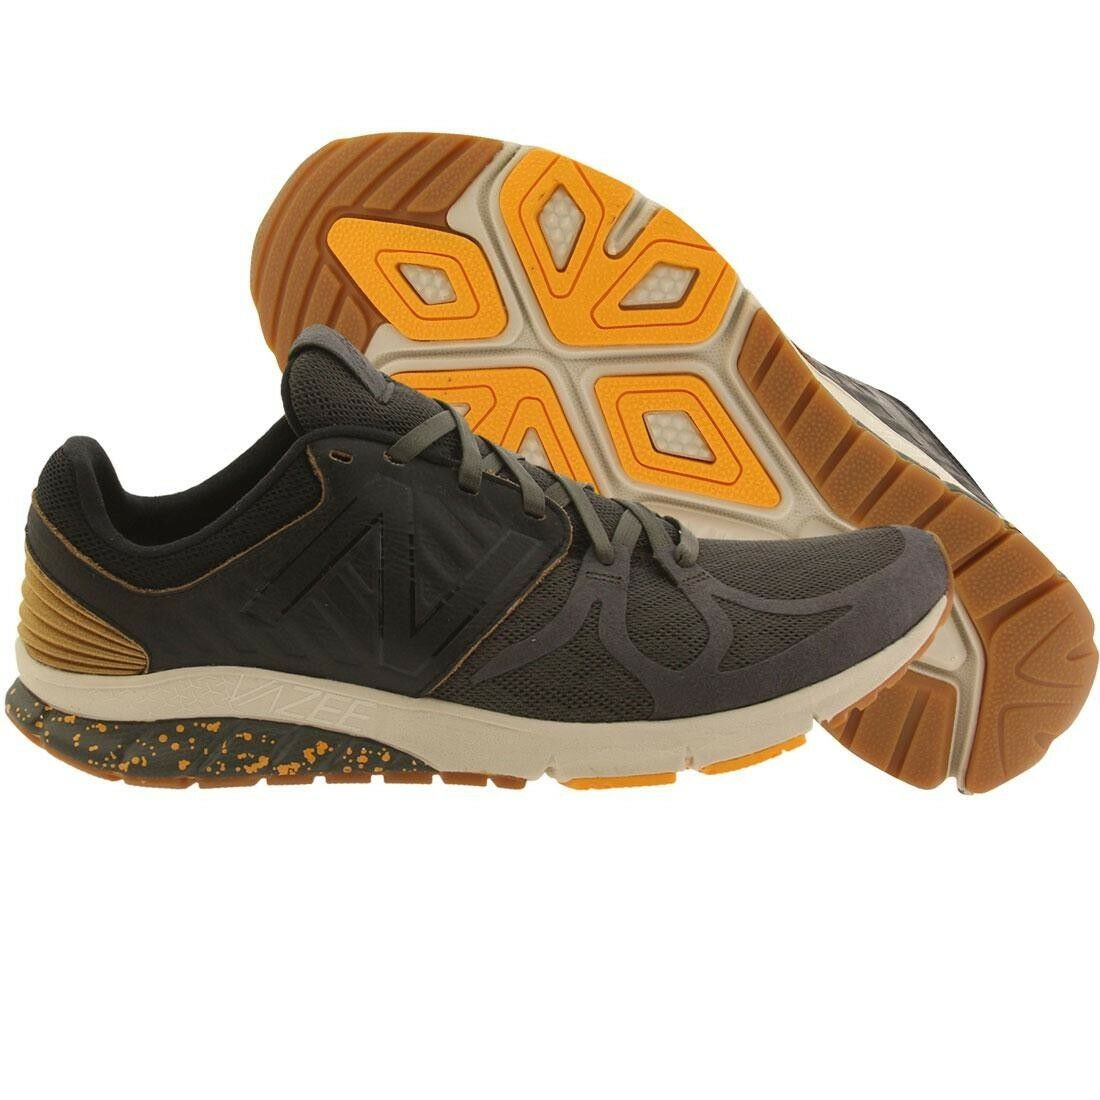 New Balance Vazee Rush Suede Mens Running Shoe MLRUSHBG Sizes 9 thru 12